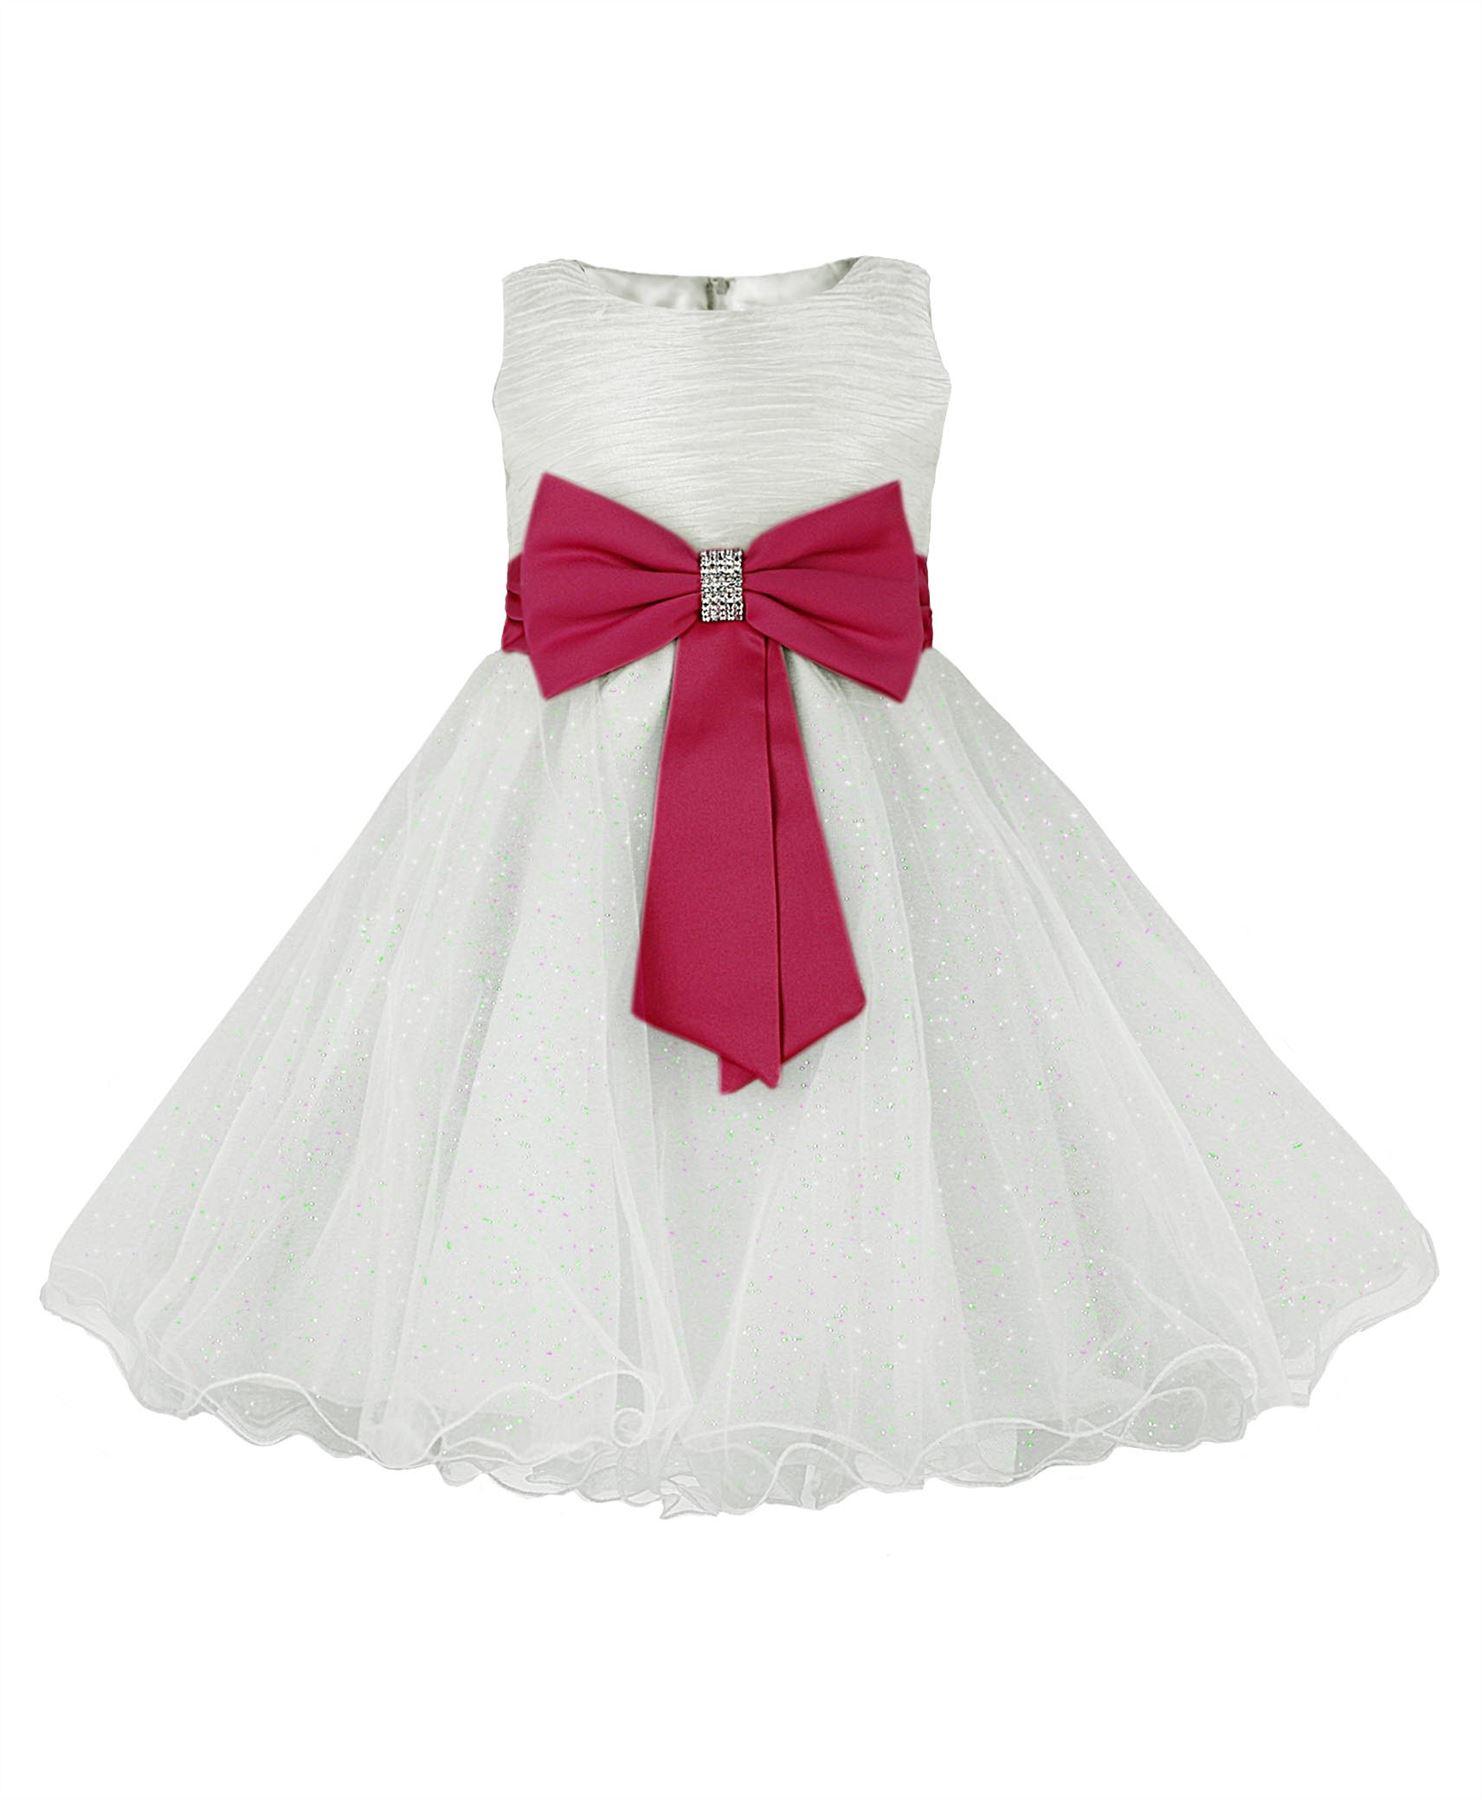 Adornos para los vestidos de fiesta